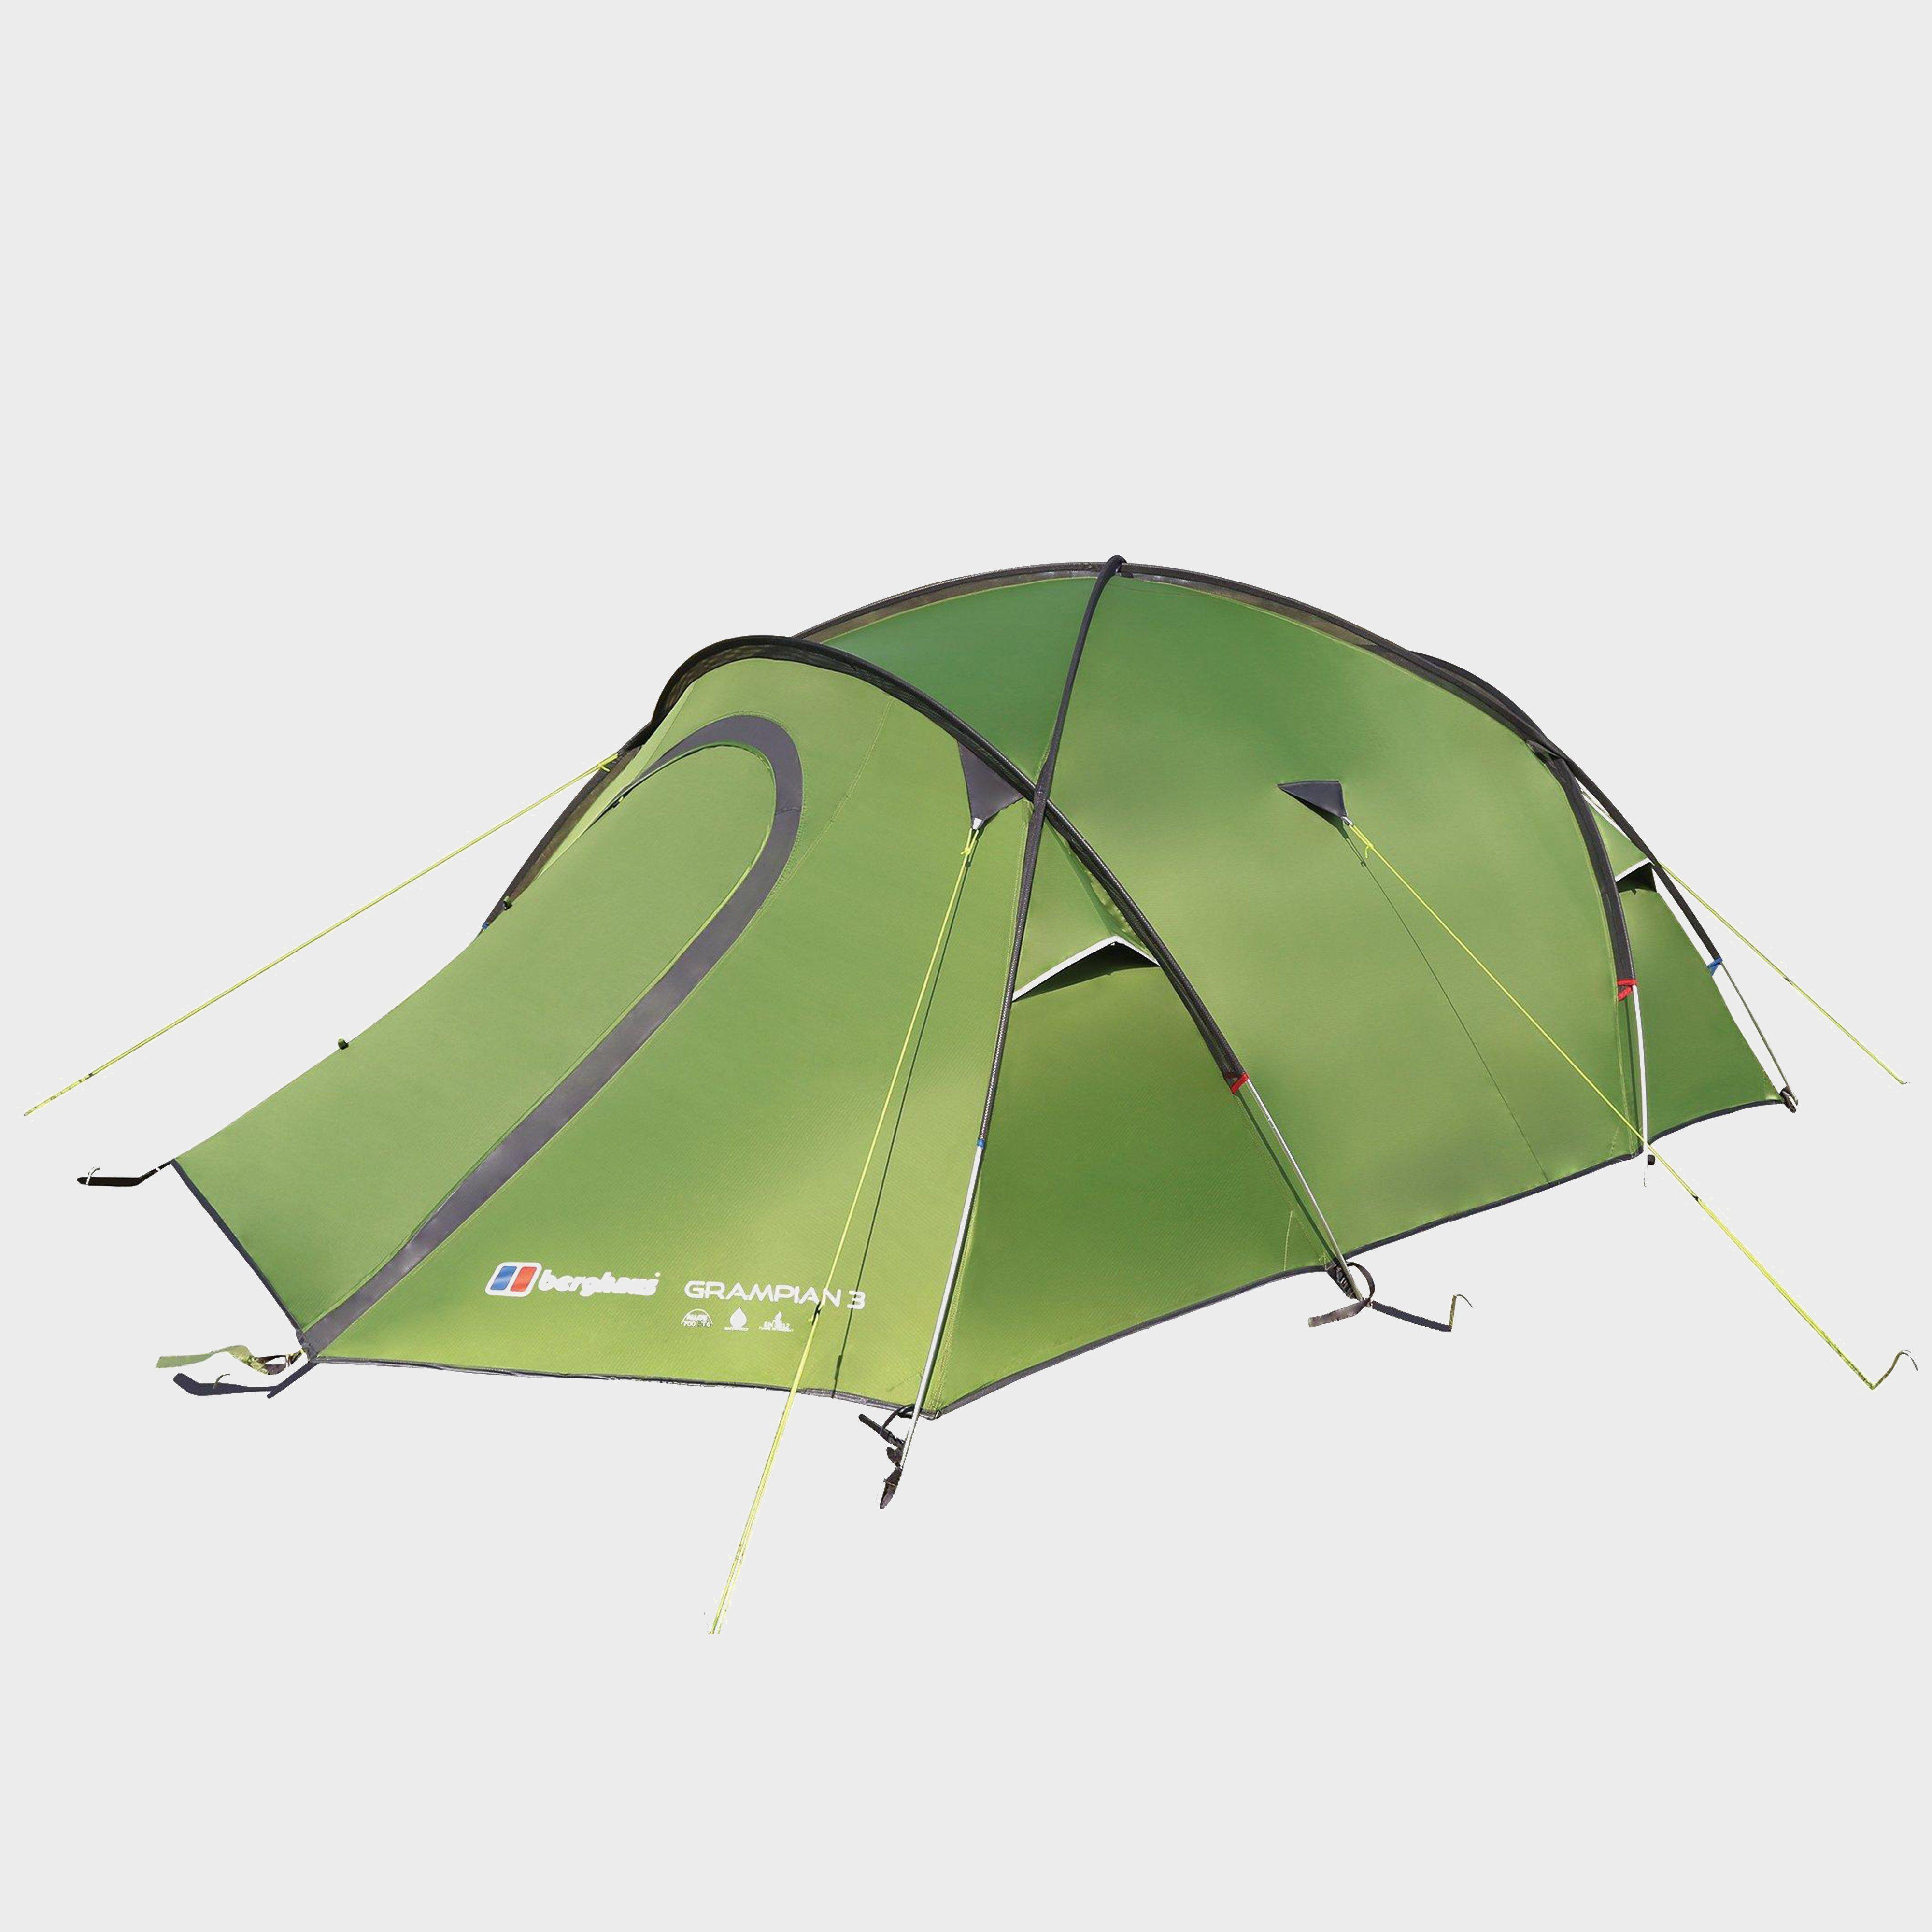 BERGHAUS Grampian 3 Person Tent